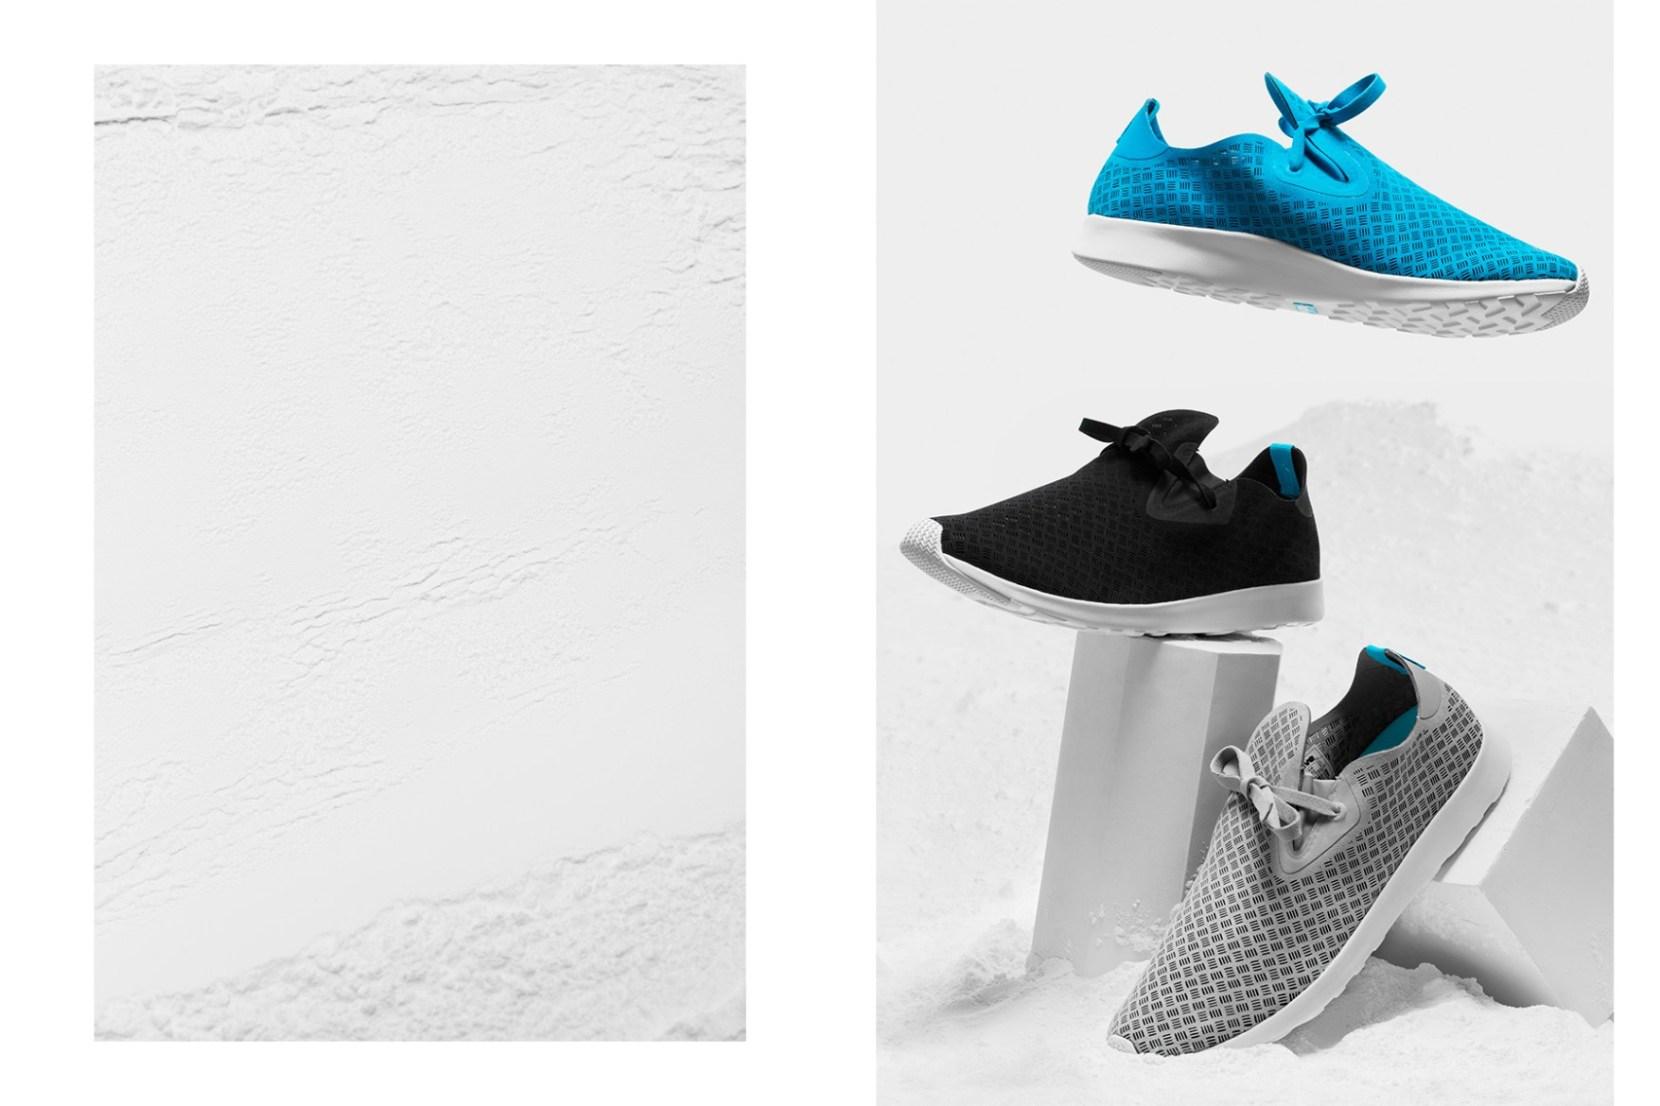 native-shoes-apollo-moc-xl-2